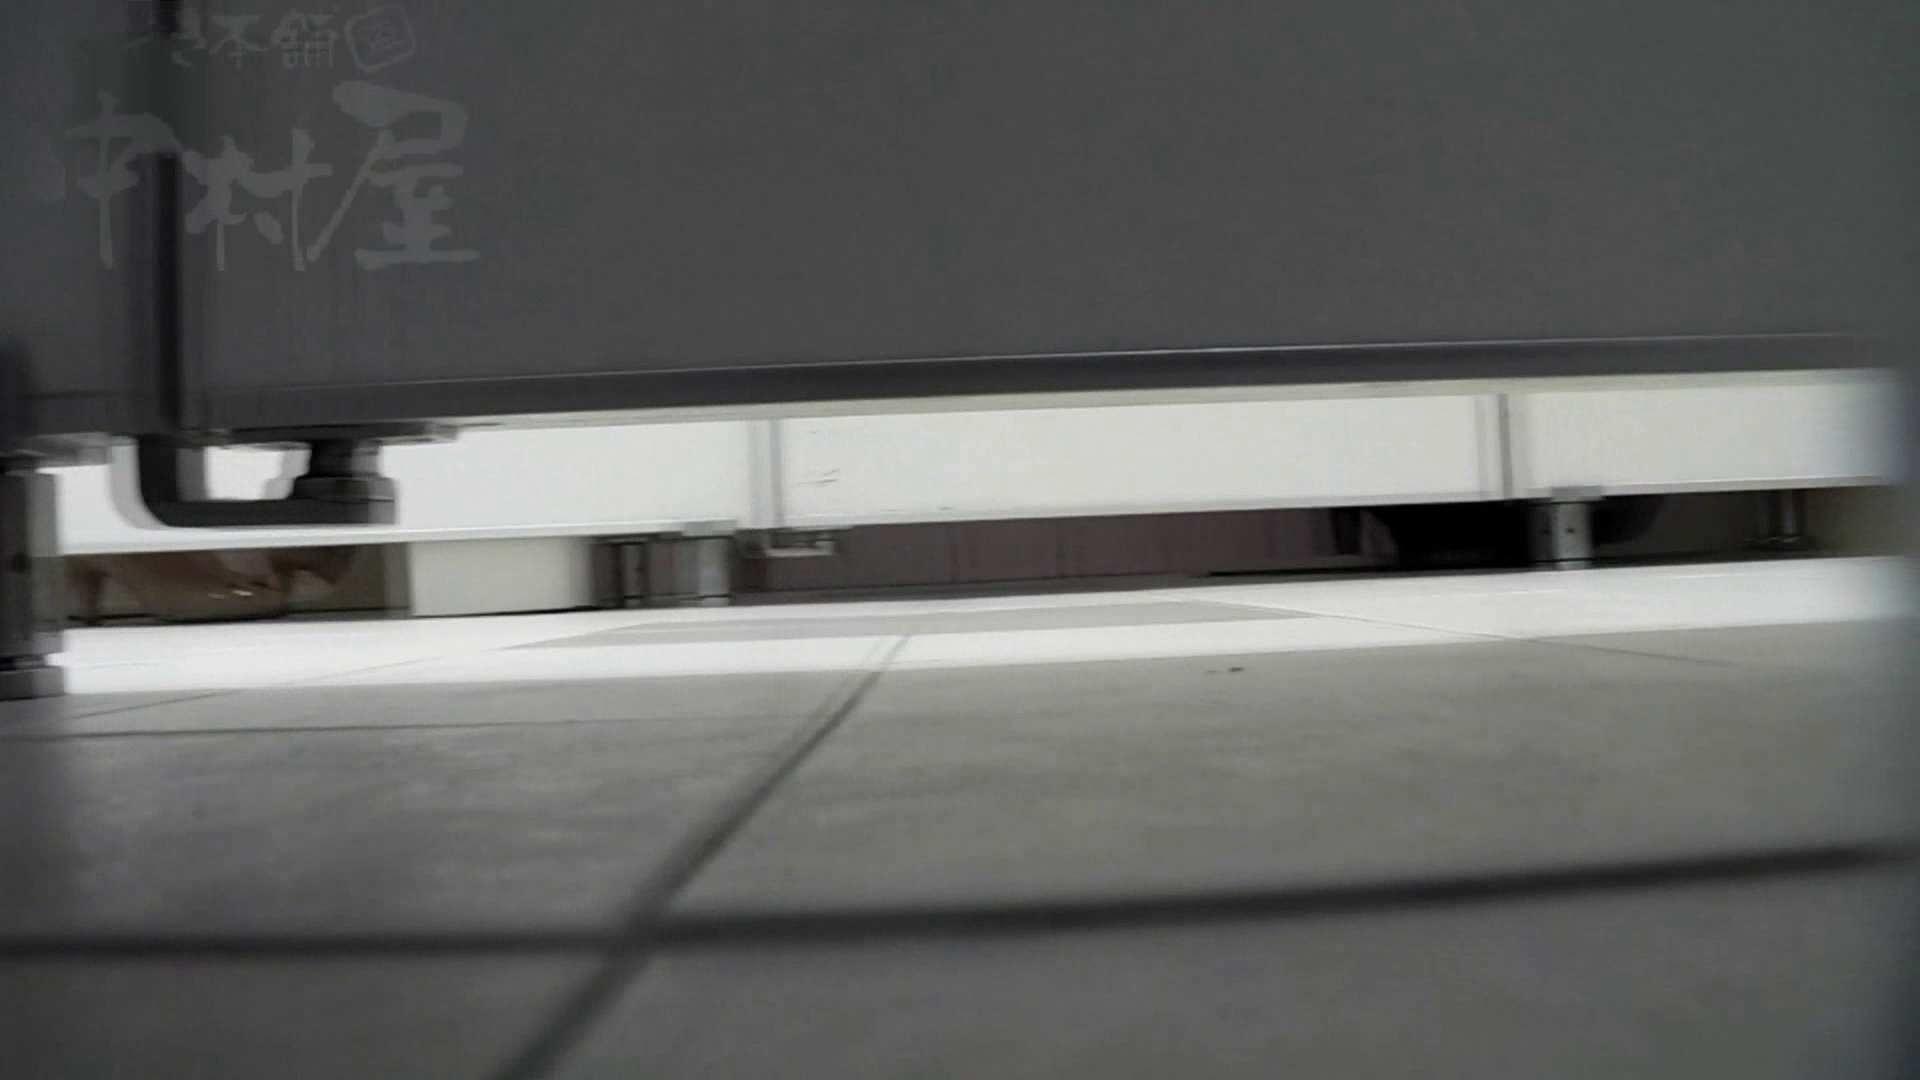 美しい日本の未来 No.06 更に侵入フロント究極な画質 盗撮シリーズ AV動画キャプチャ 75PIX 47